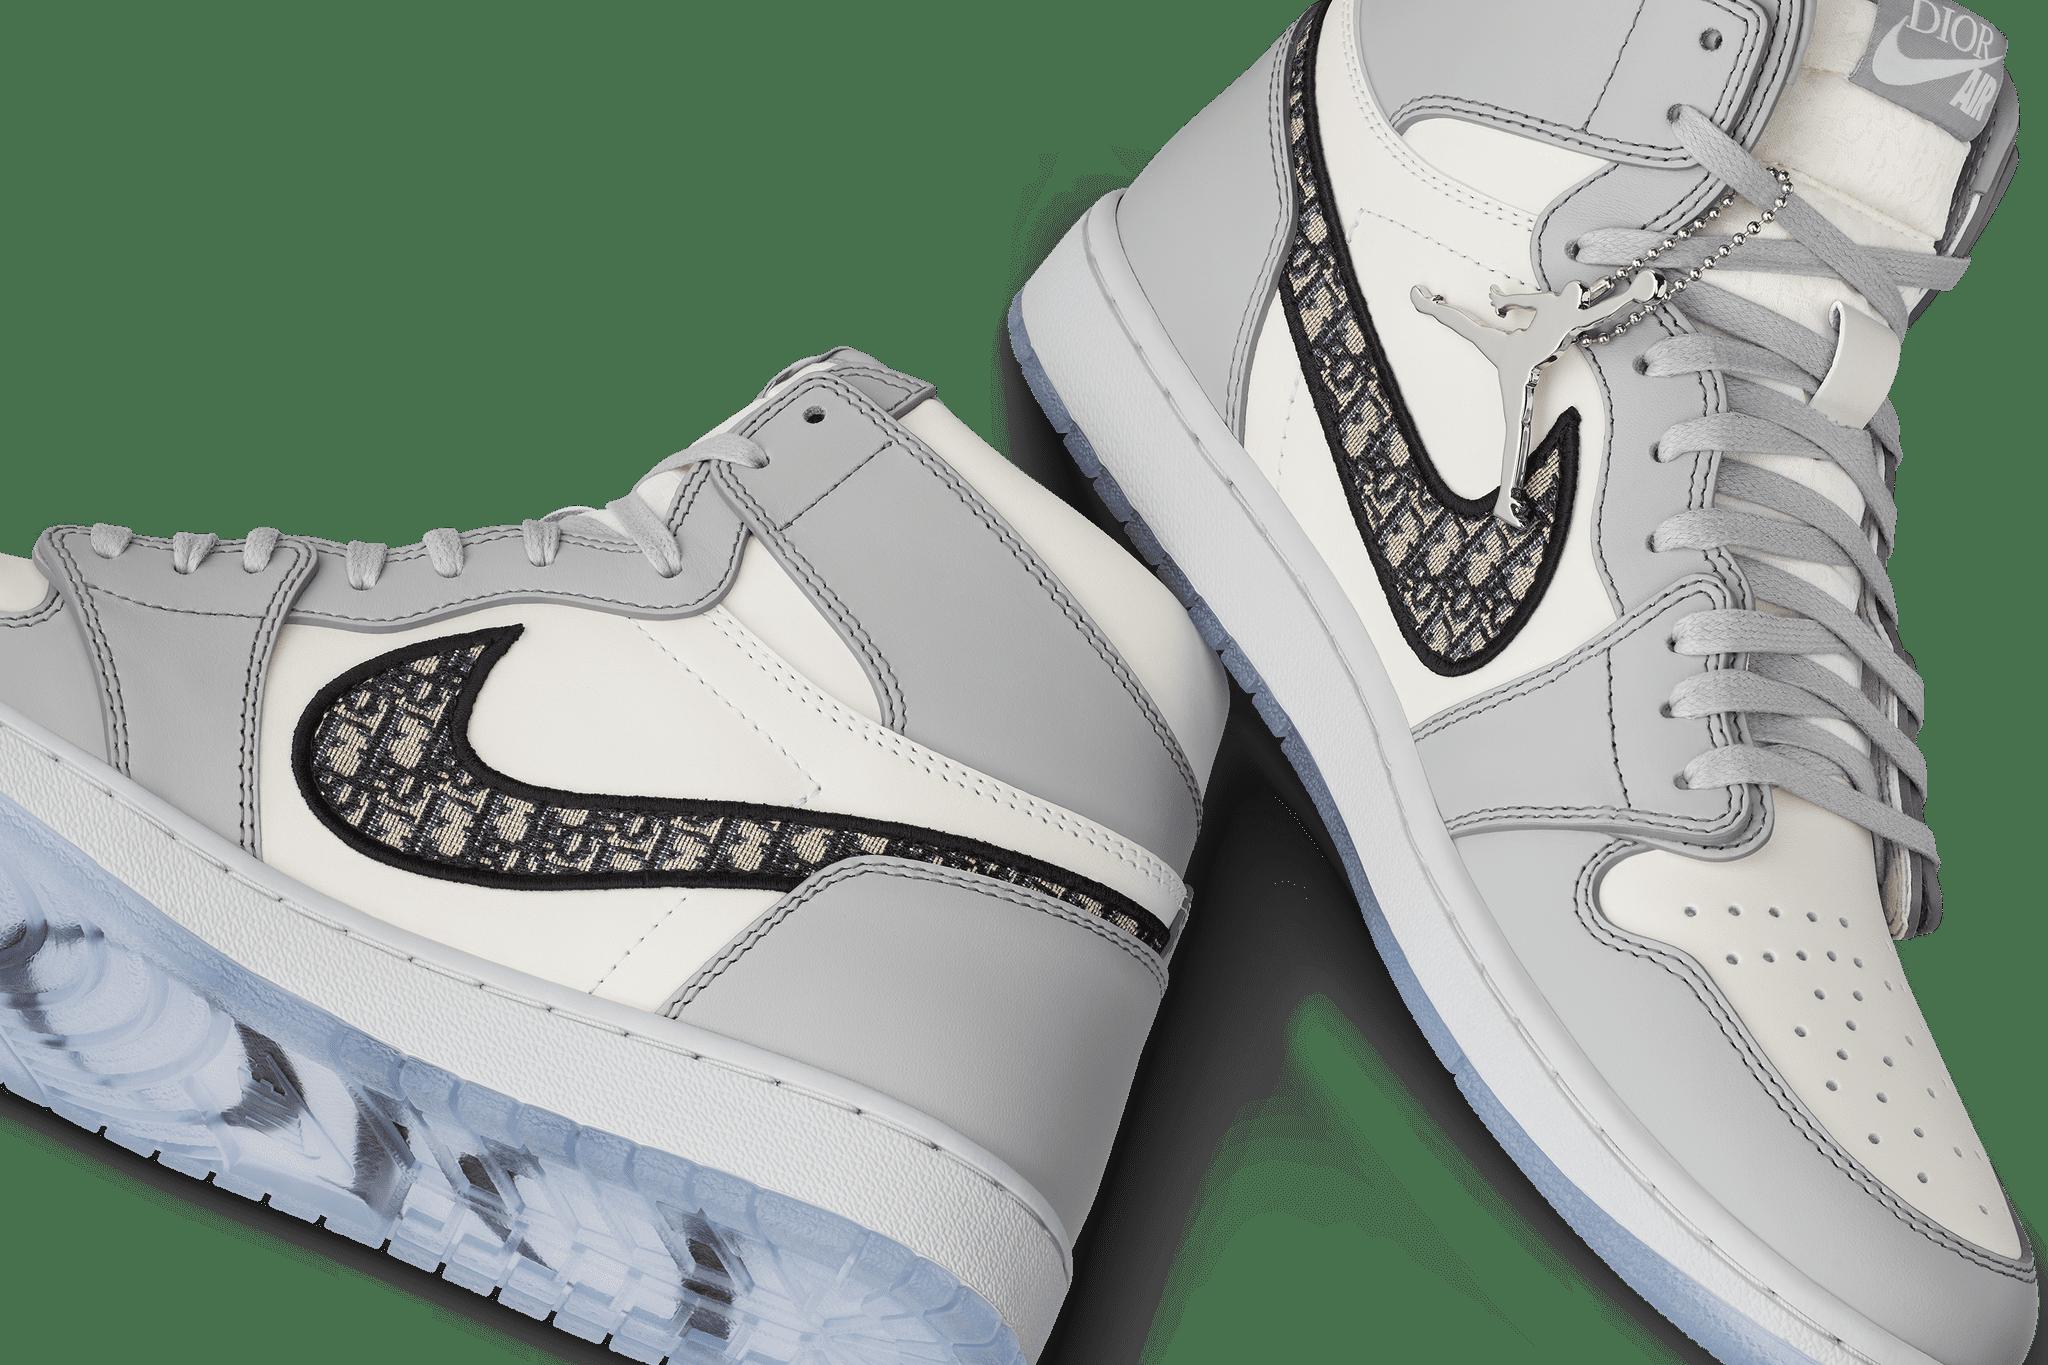 Dior x Air Jordan 1 Sneakers | POPSUGAR